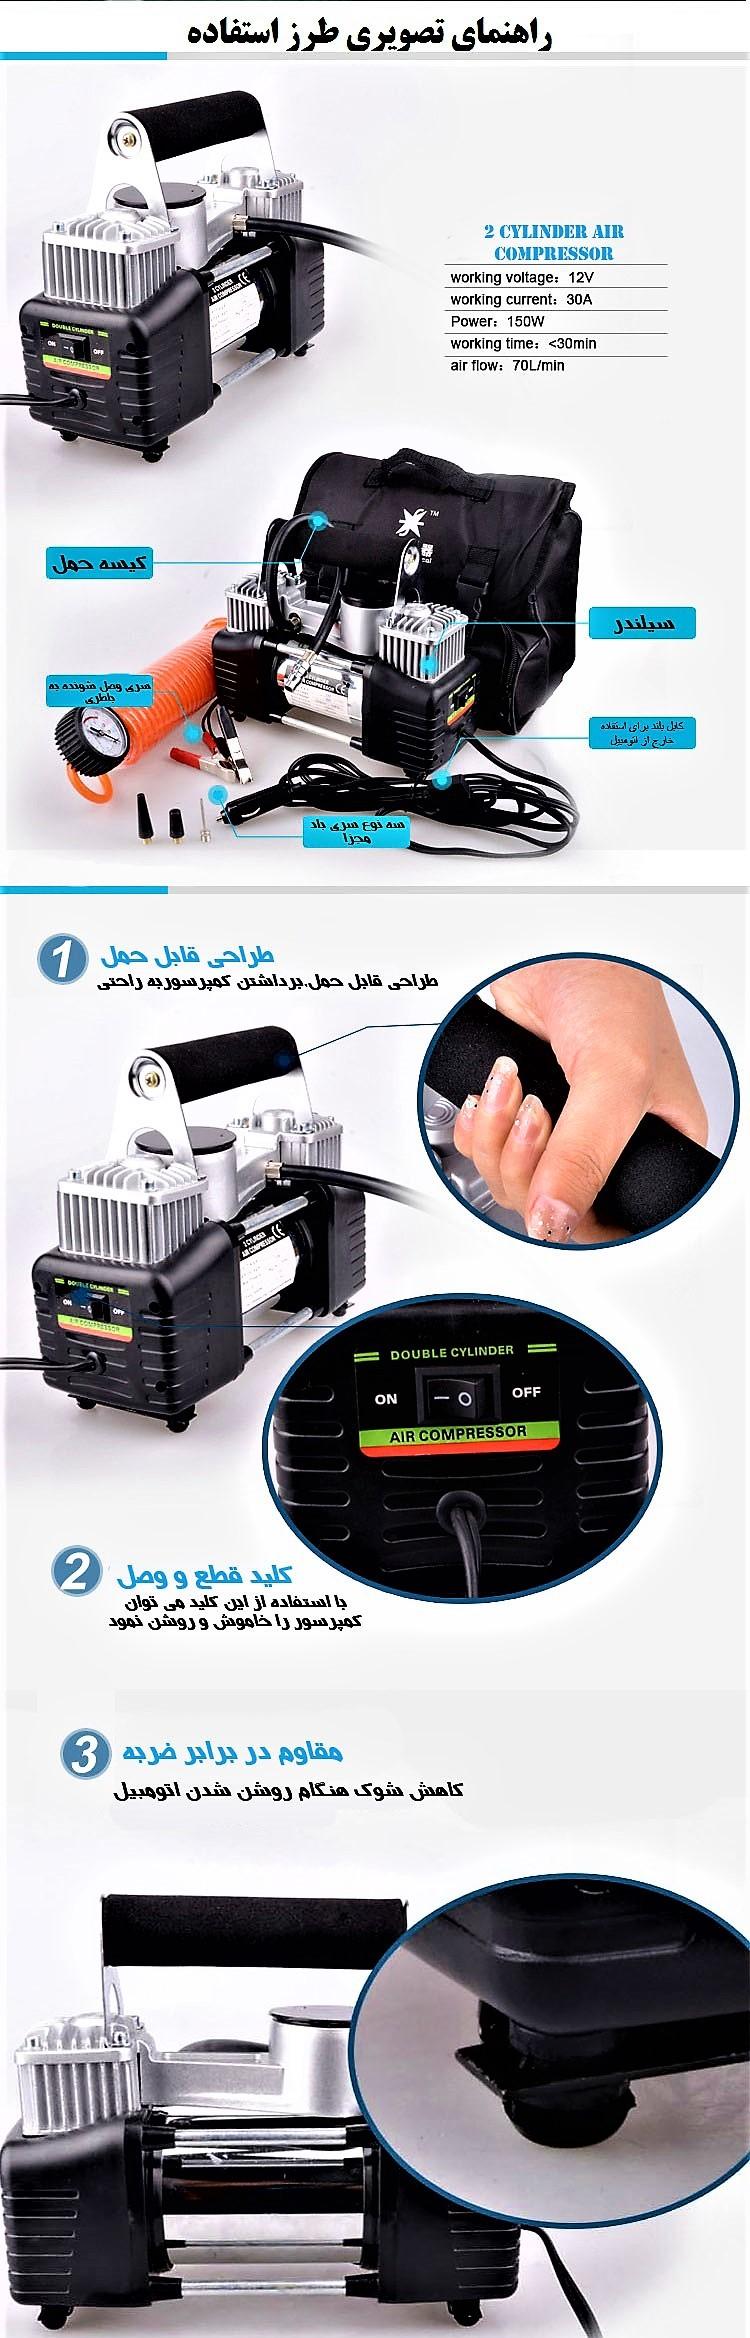 راهنمای cylinder air compressor